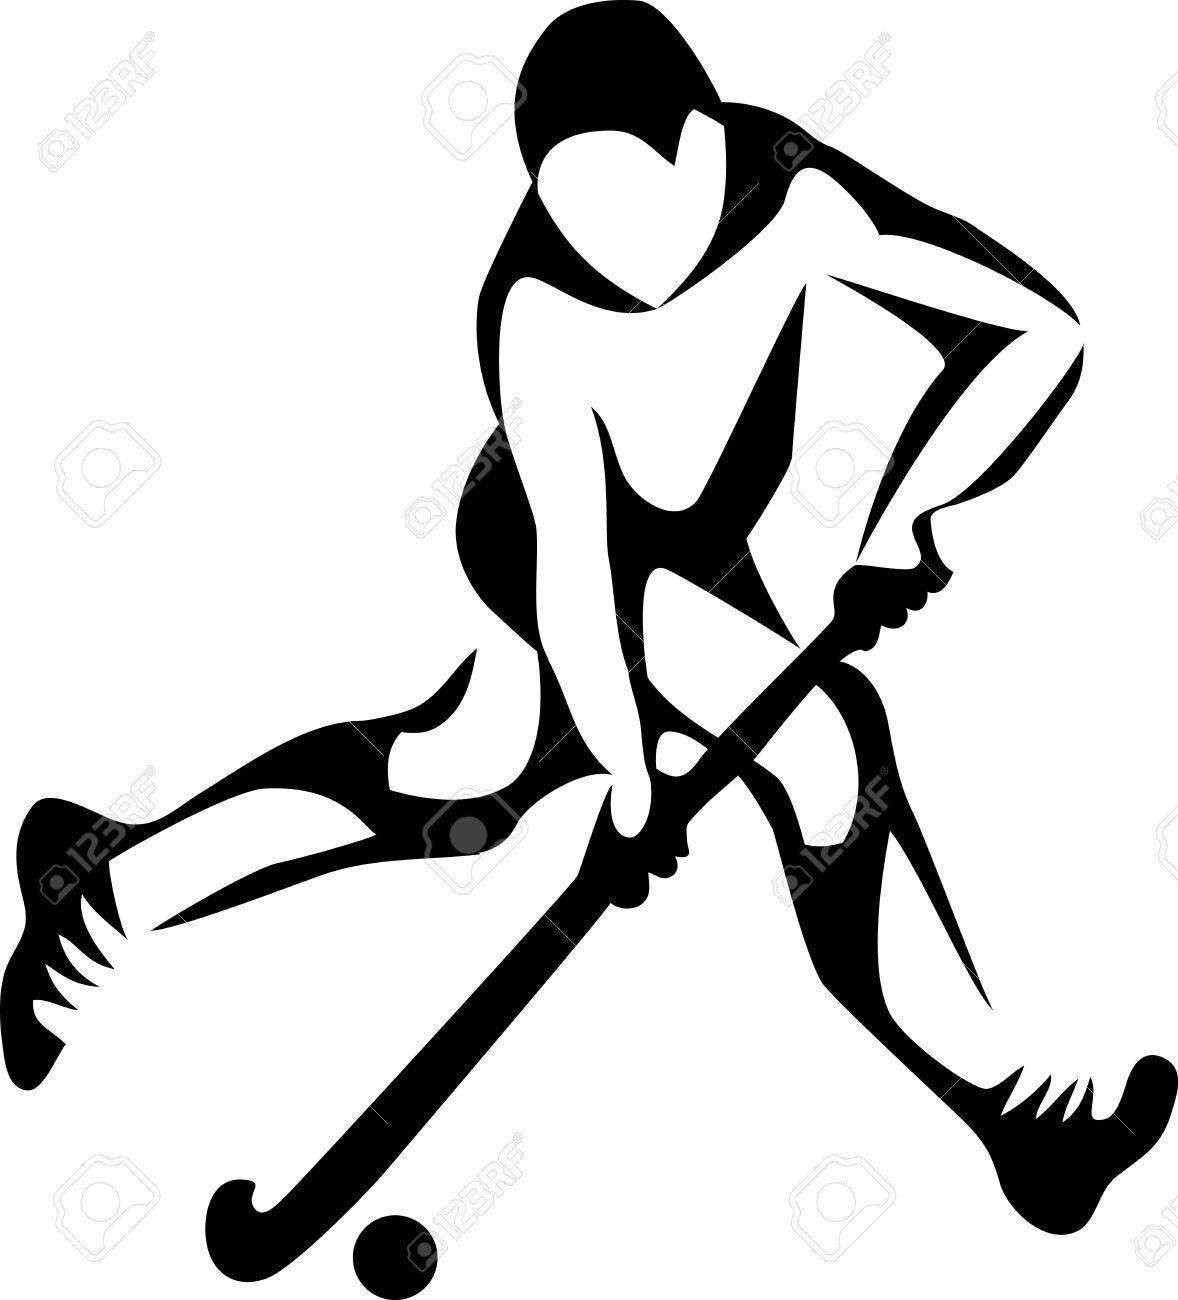 field hockey player.